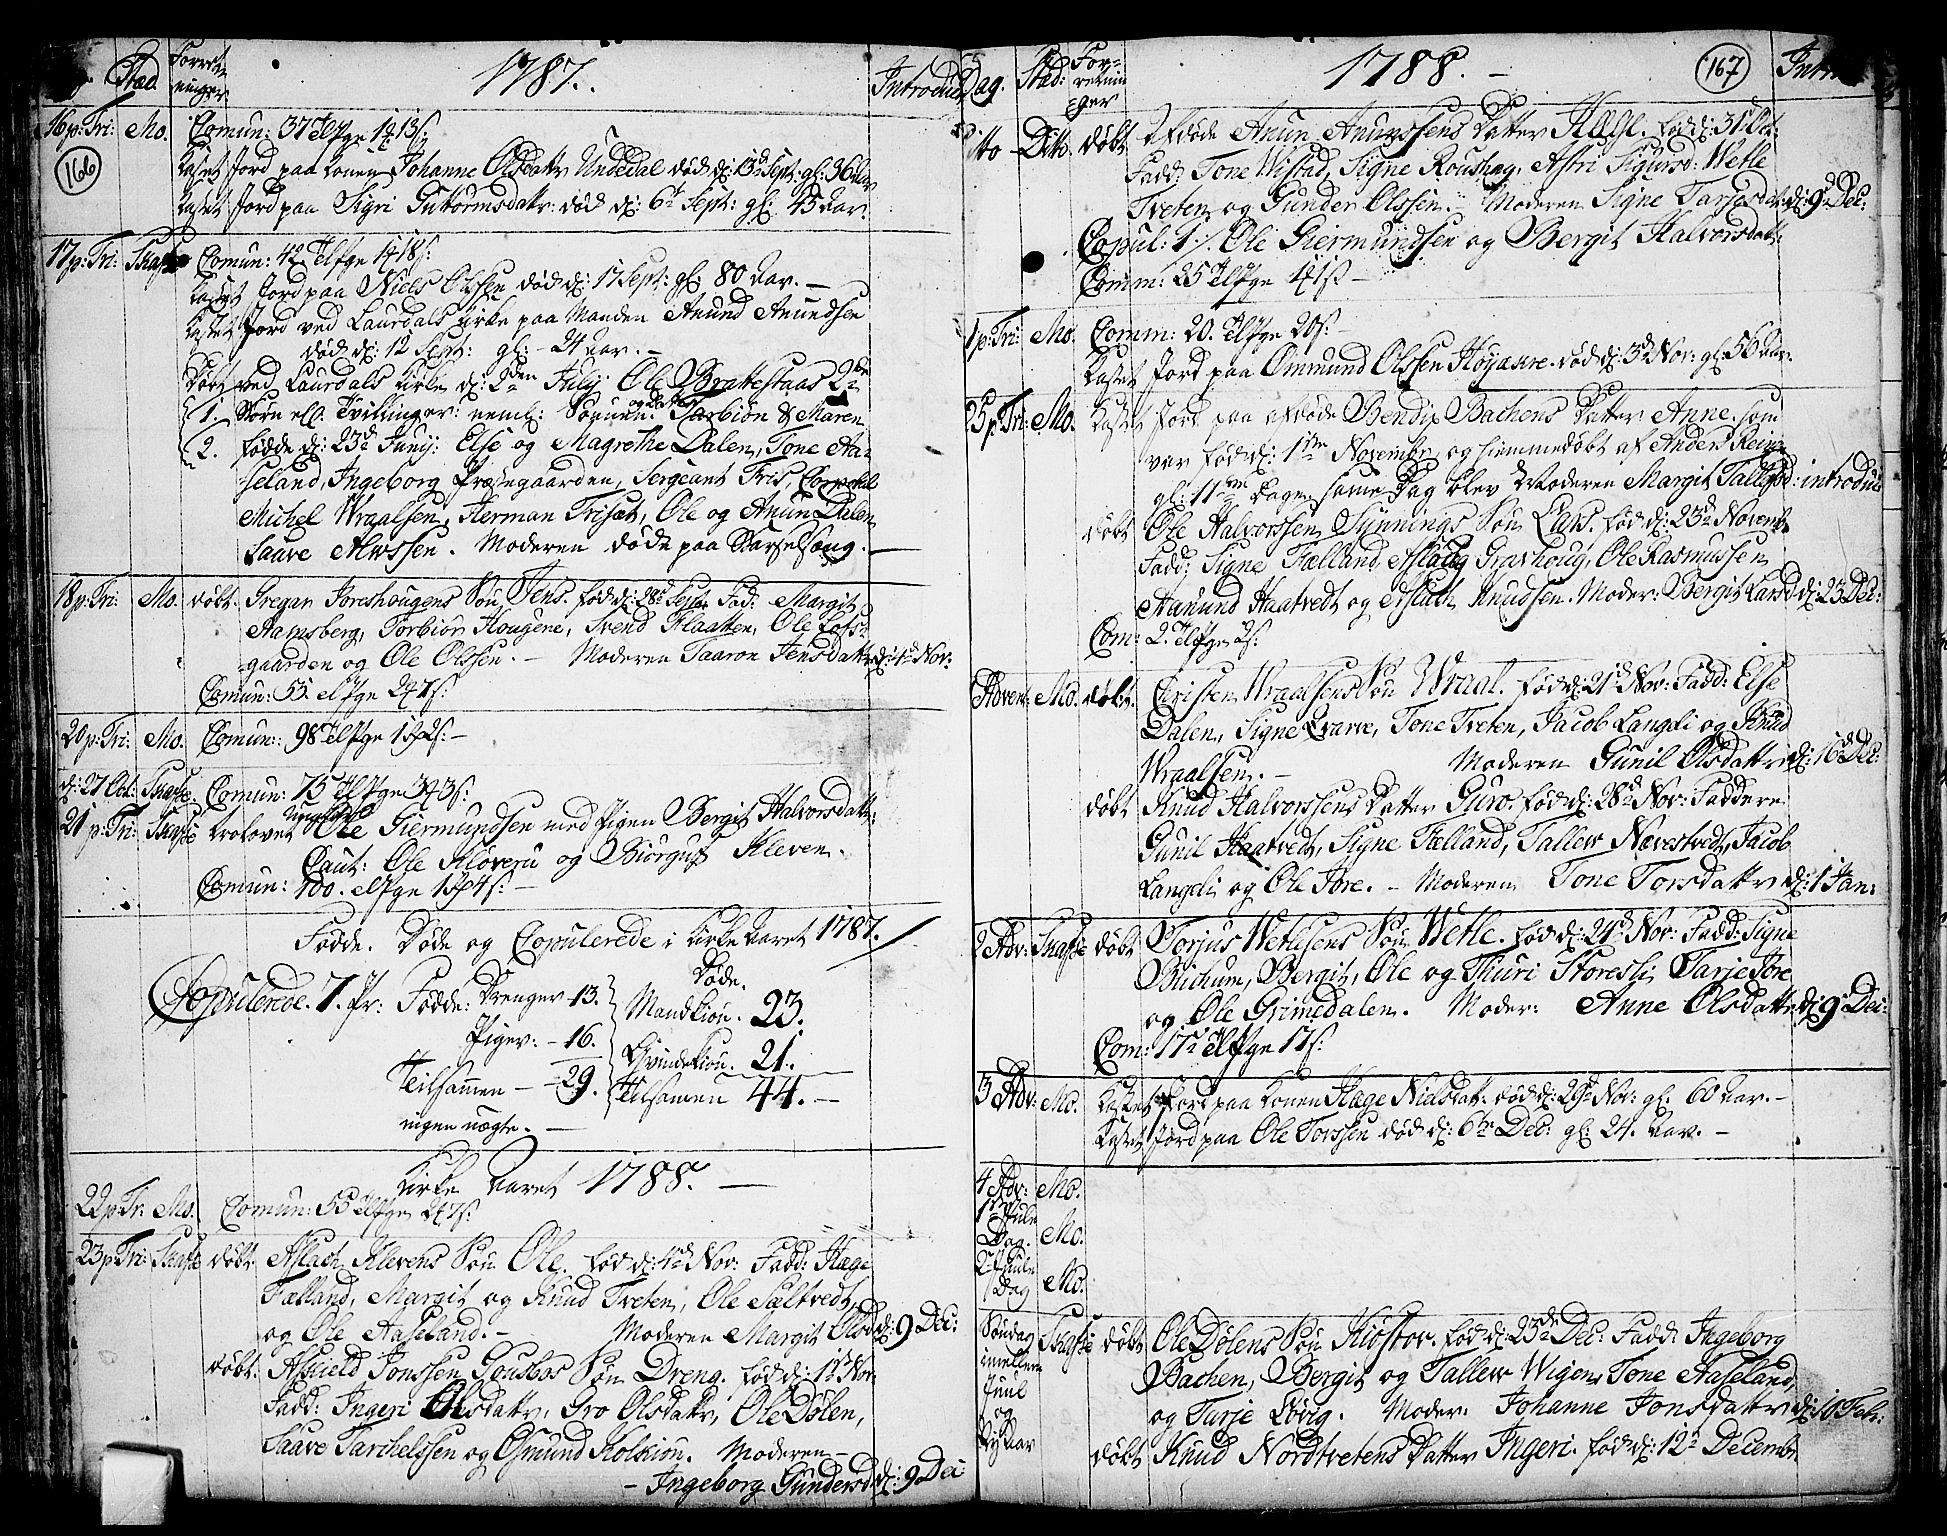 SAKO, Mo kirkebøker, F/Fa/L0002: Ministerialbok nr. I 2, 1766-1799, s. 166-167